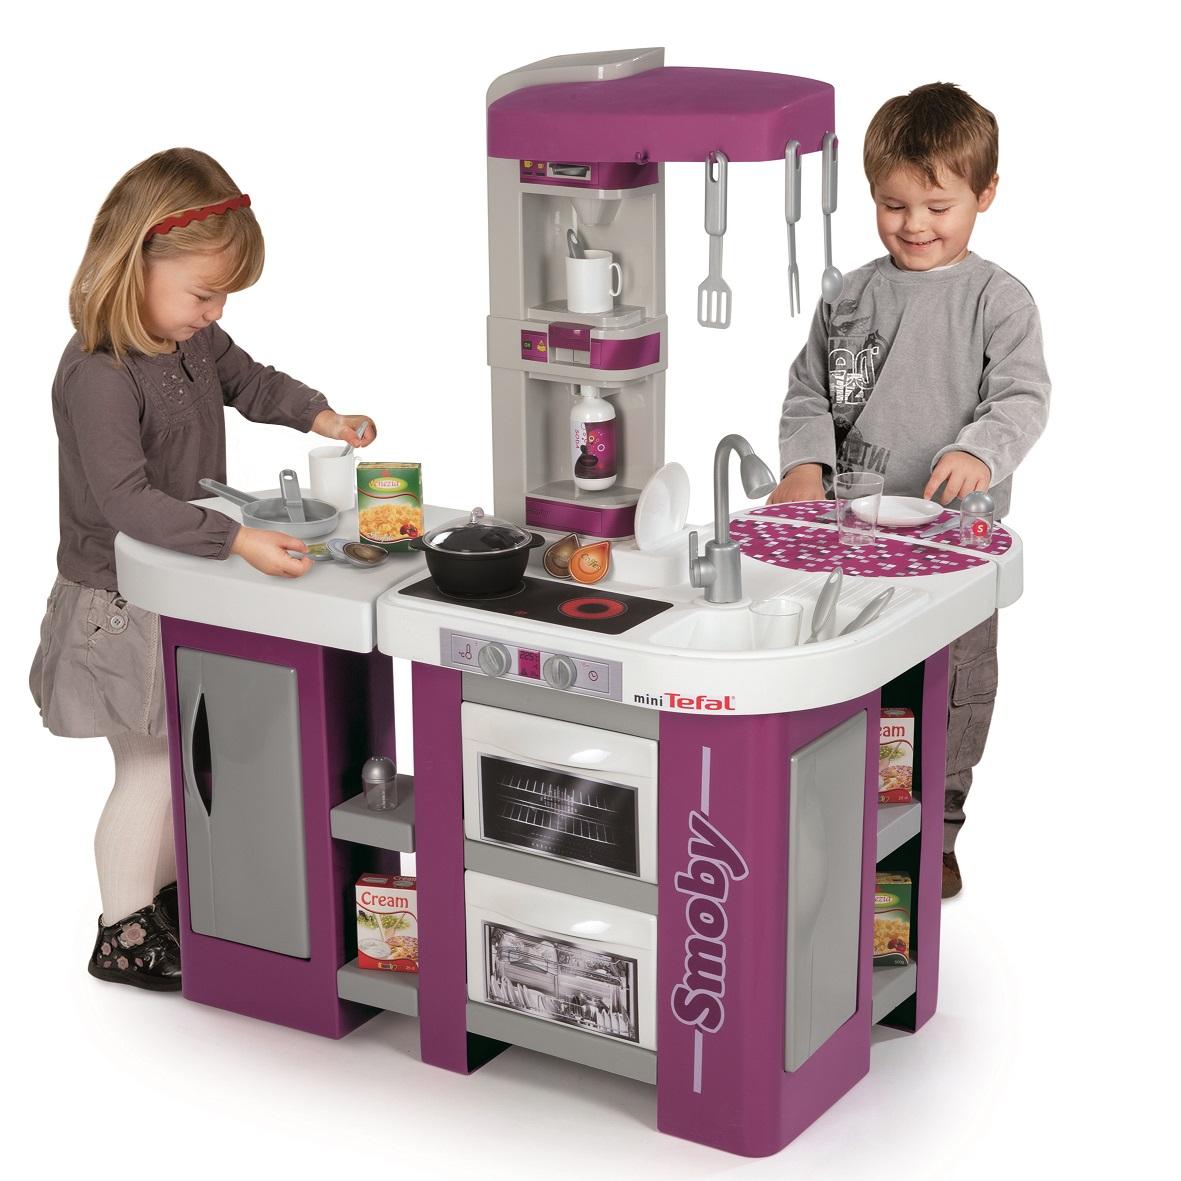 Tefal Studio XL Детская электронная кухня от Smoby, 24129